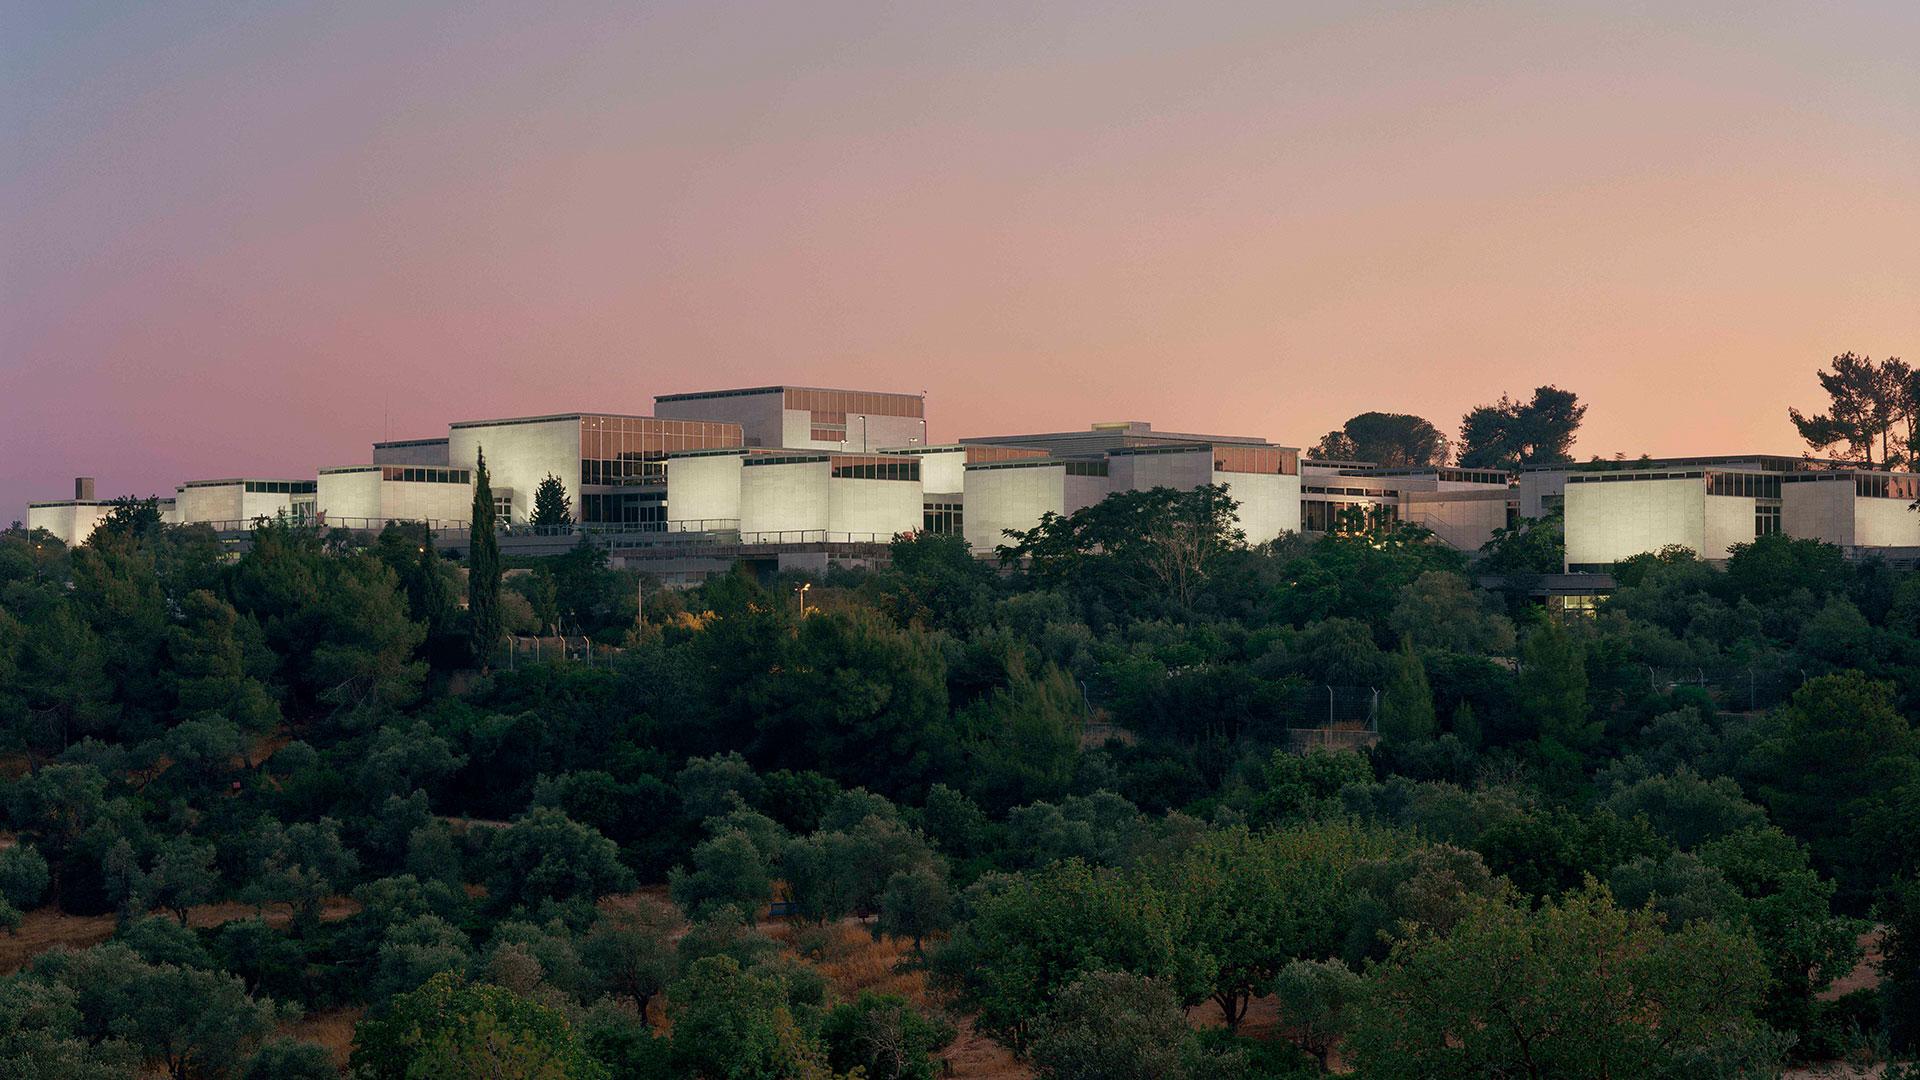 耶路撒冷以色列博物馆